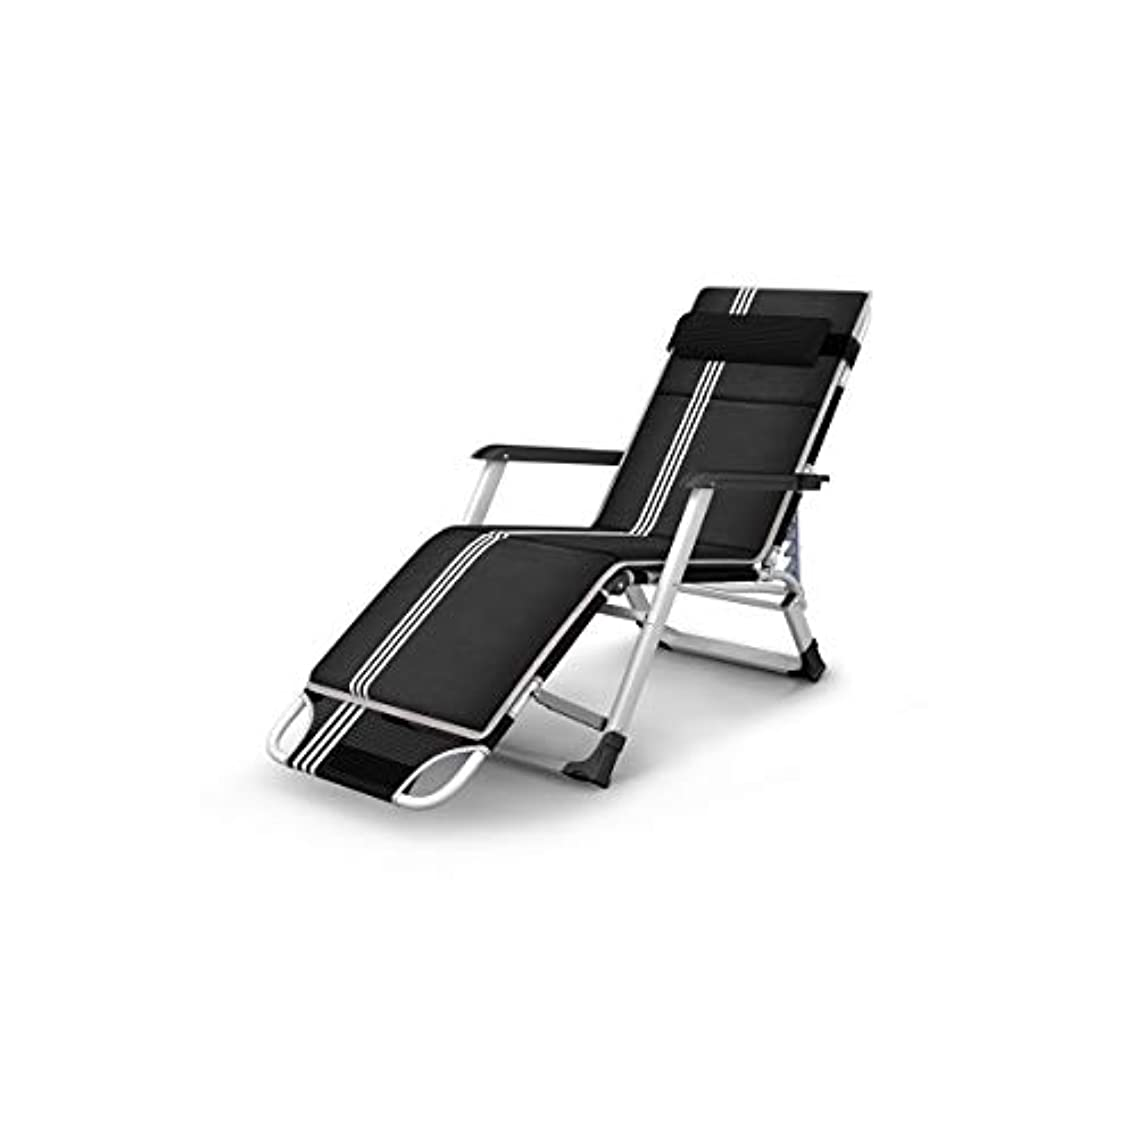 発行する望まない台風SHENGSHIHUIZHONG 広げられた折りたたみ椅子、オフィス多機能ベッド、携帯用怠惰な椅子、幸せな夏のベッド、レジャーホームベッド、ビーチベッド、見えないベッド、キャンプベッド